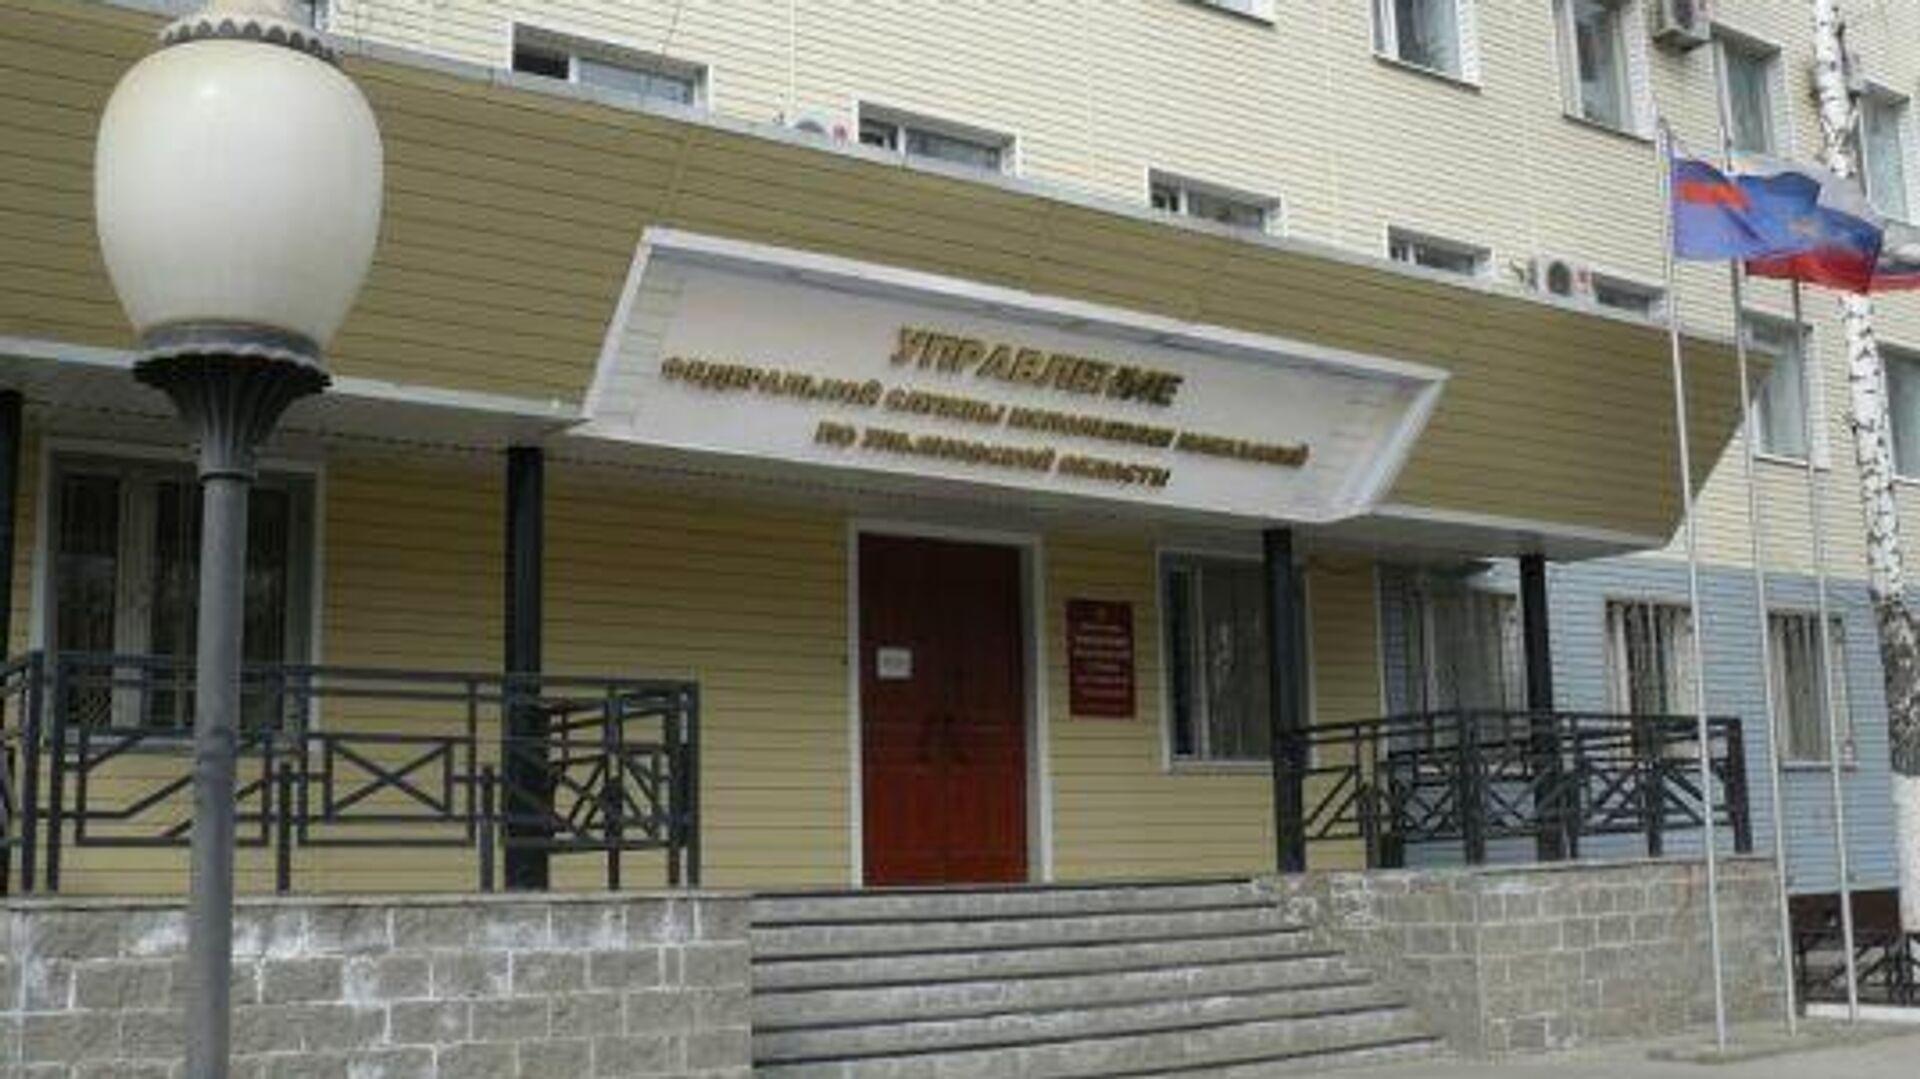 УФСИН по Ульяновской области  - РИА Новости, 1920, 01.07.2020